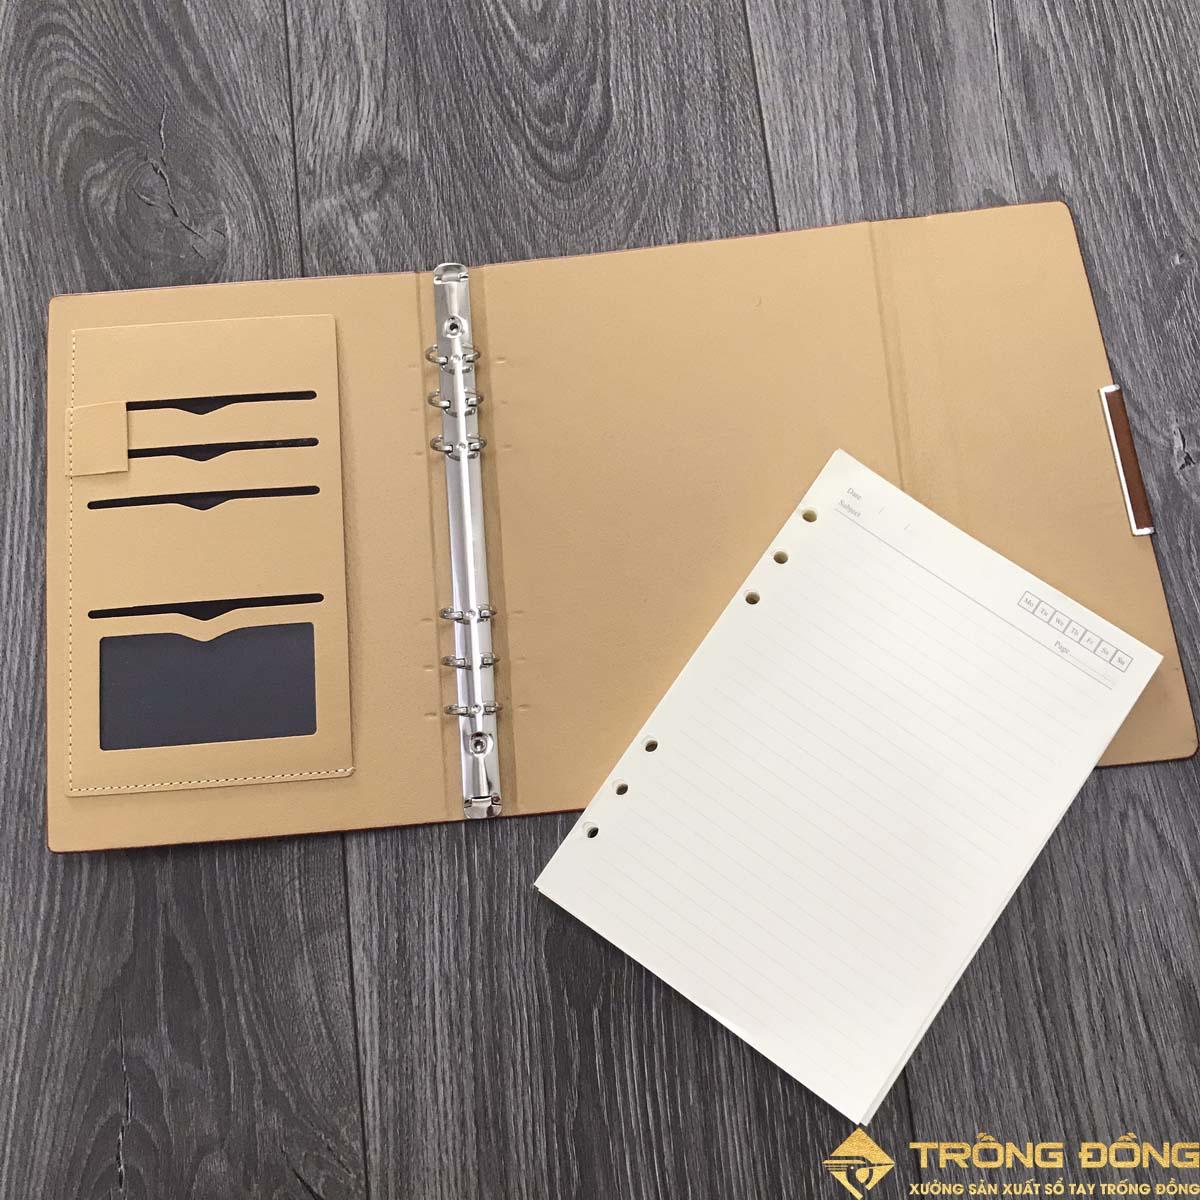 Sổ bìa còng dễ dàng tháo lắp ruột sổ